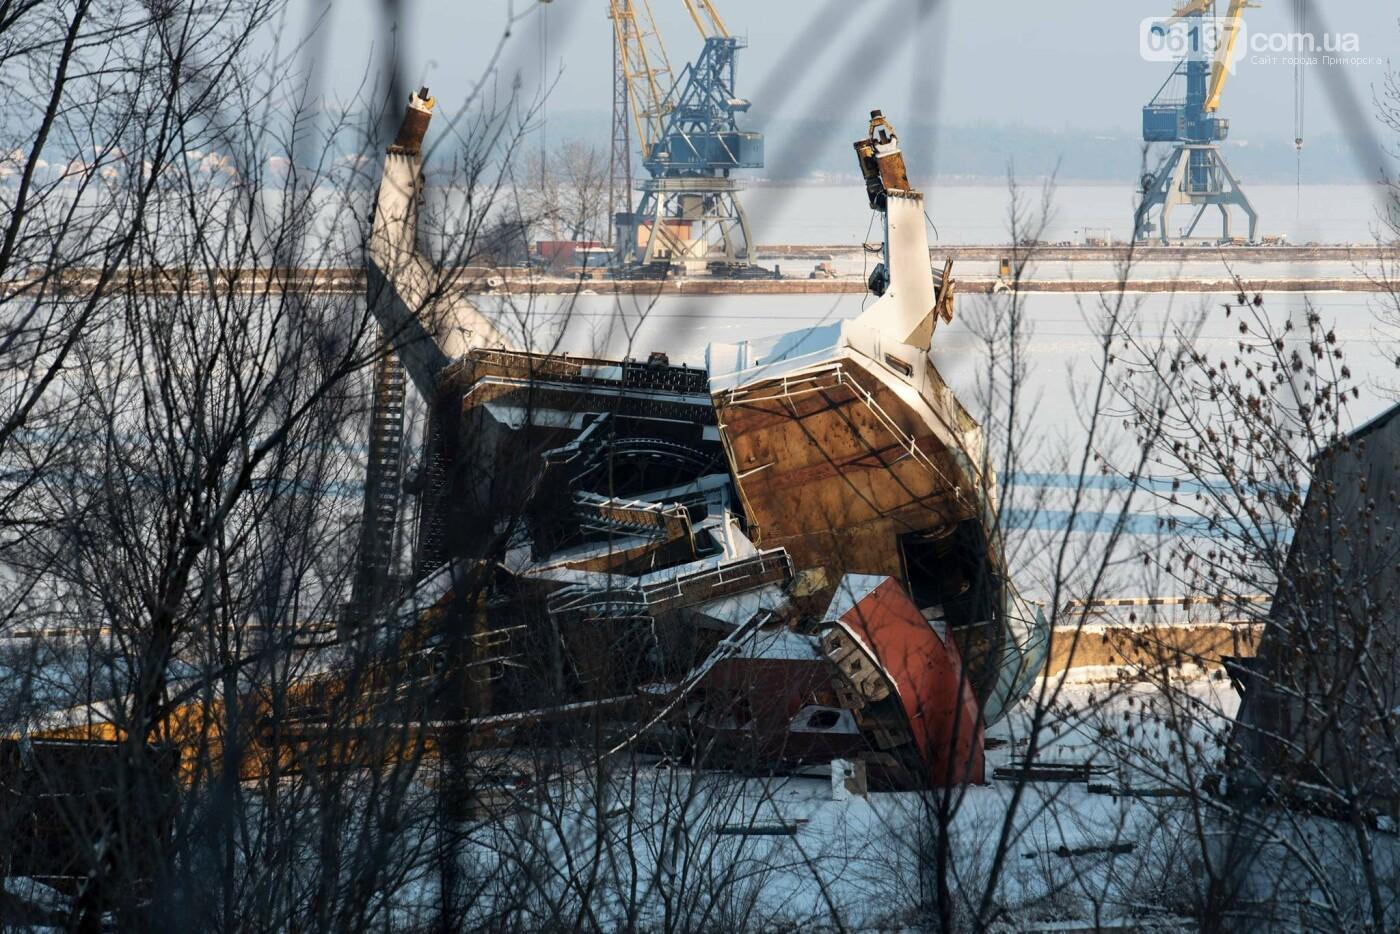 Запорожский фотограф опубликовал кадры упавшего в пору крана. Фото, фото-4